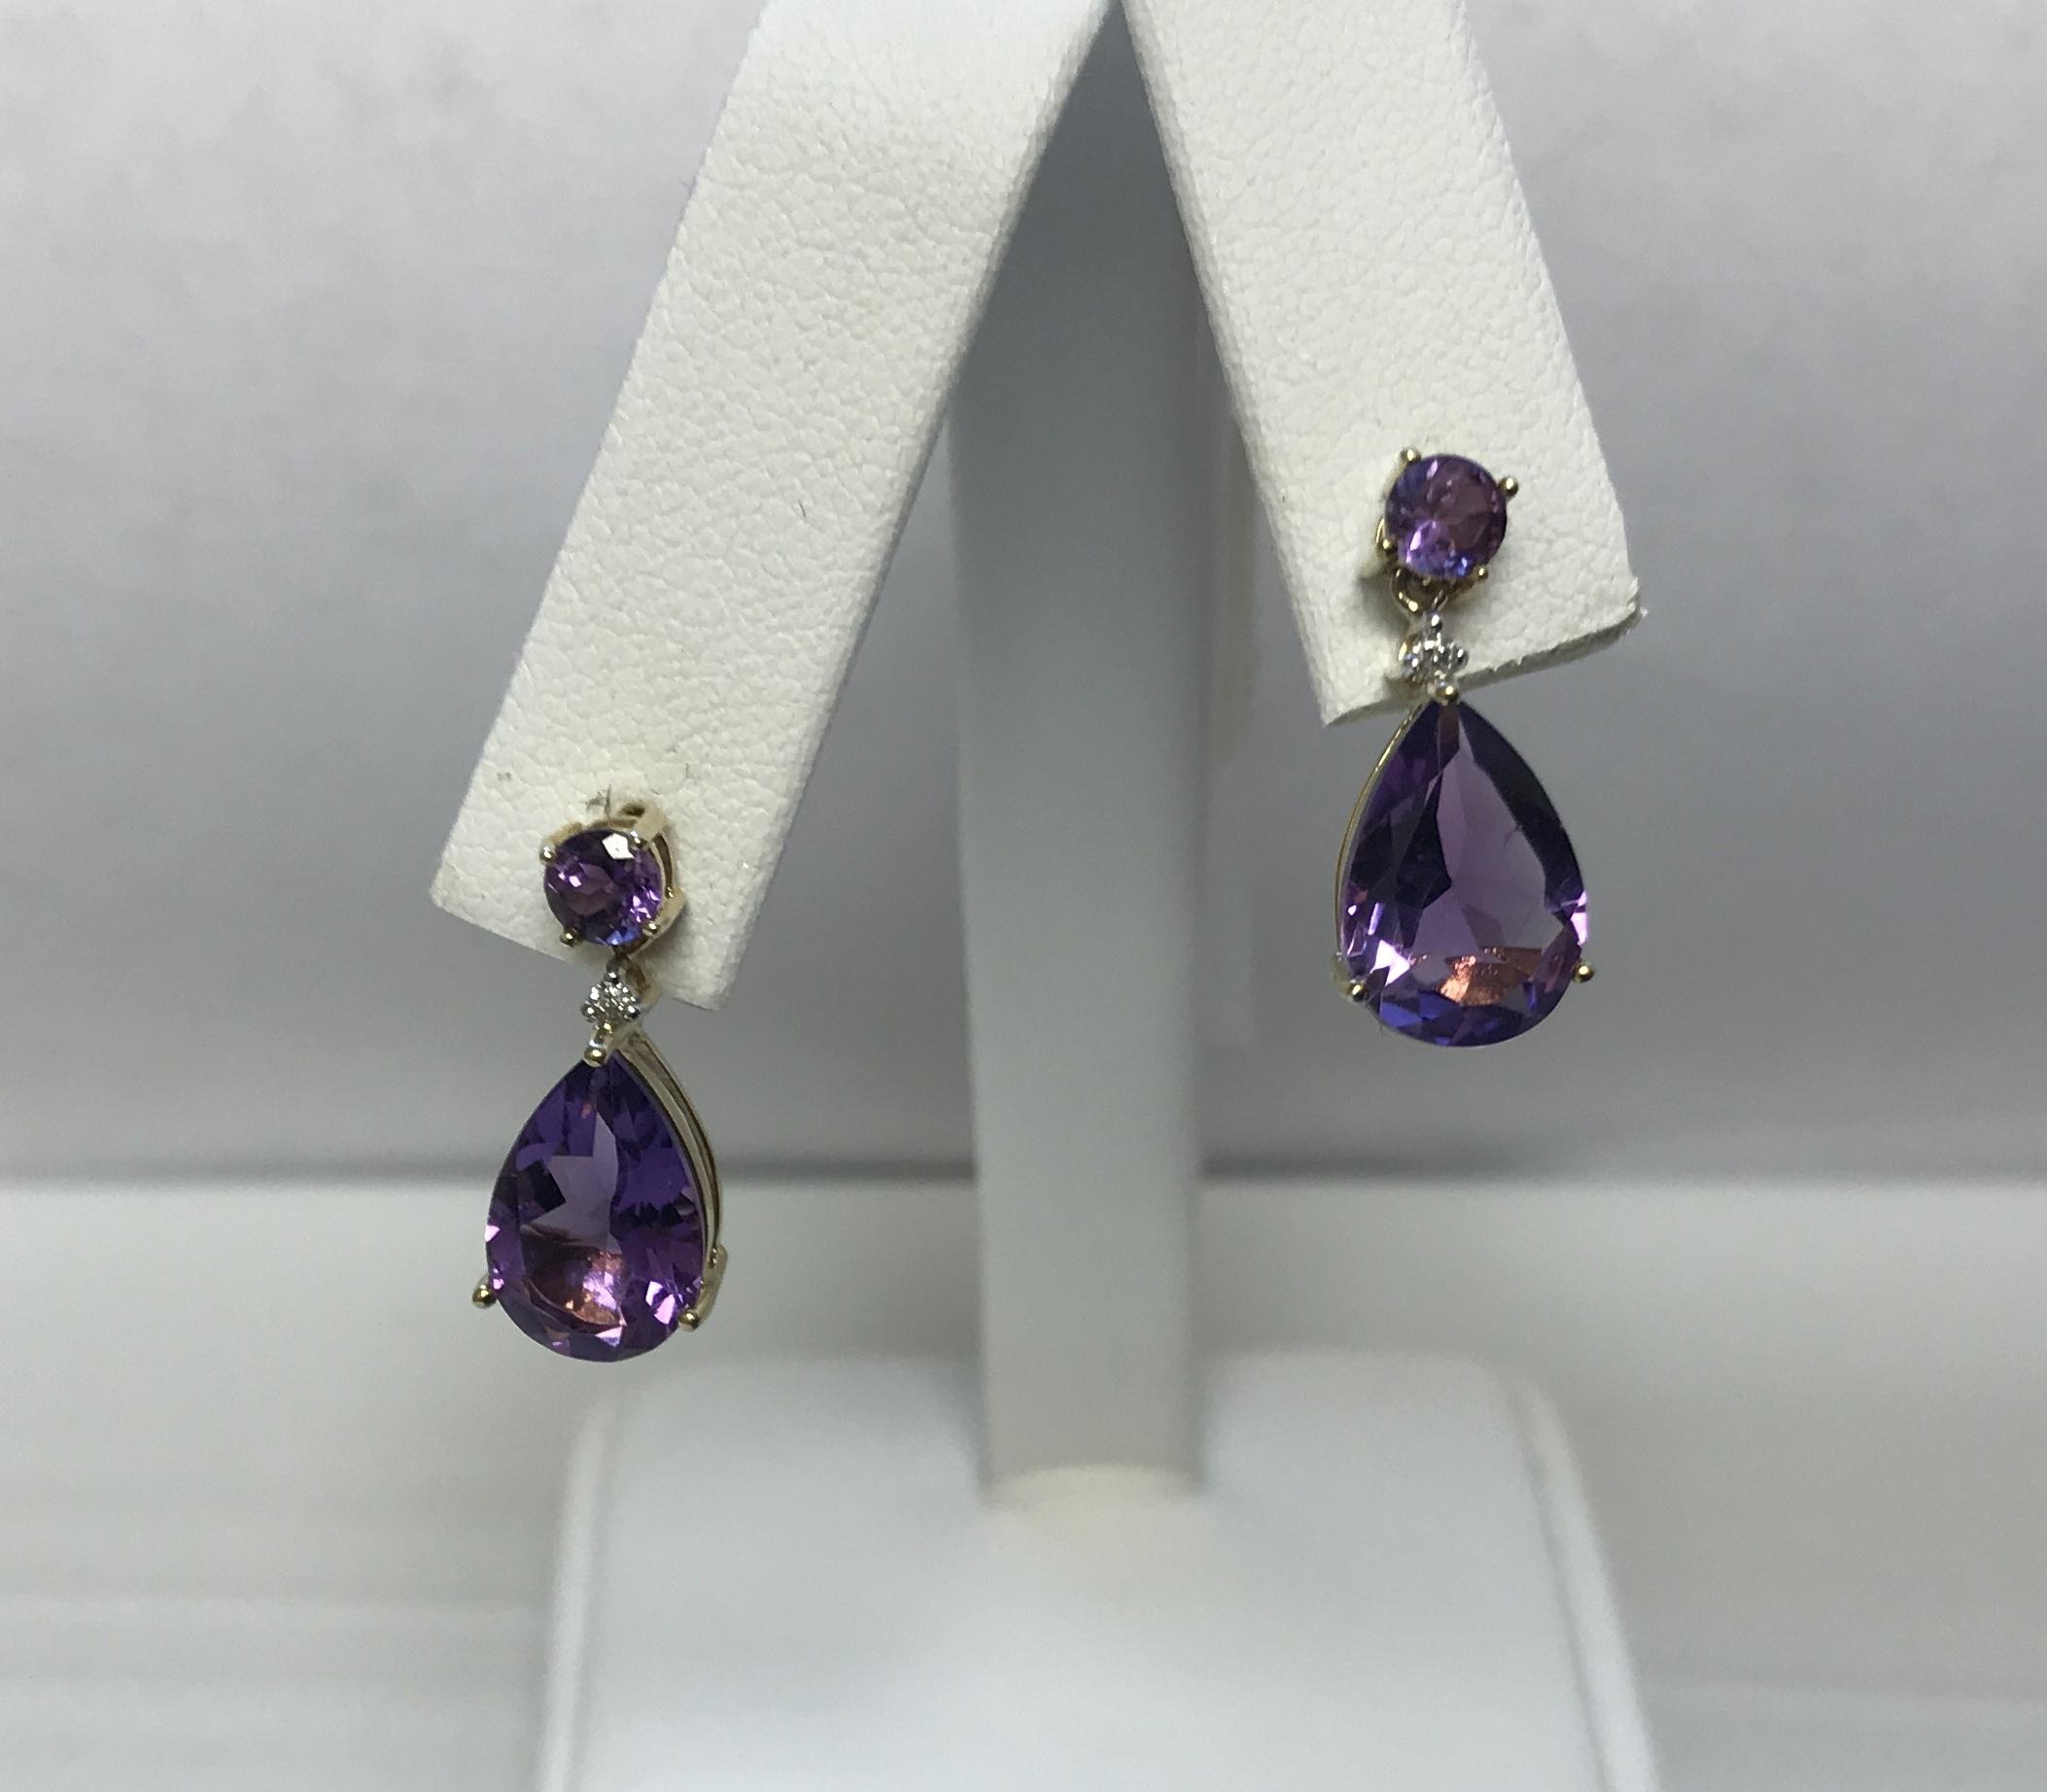 Diamonds & Purple Stone Teardrop Earrings 10K Yellow Gold 2.8g